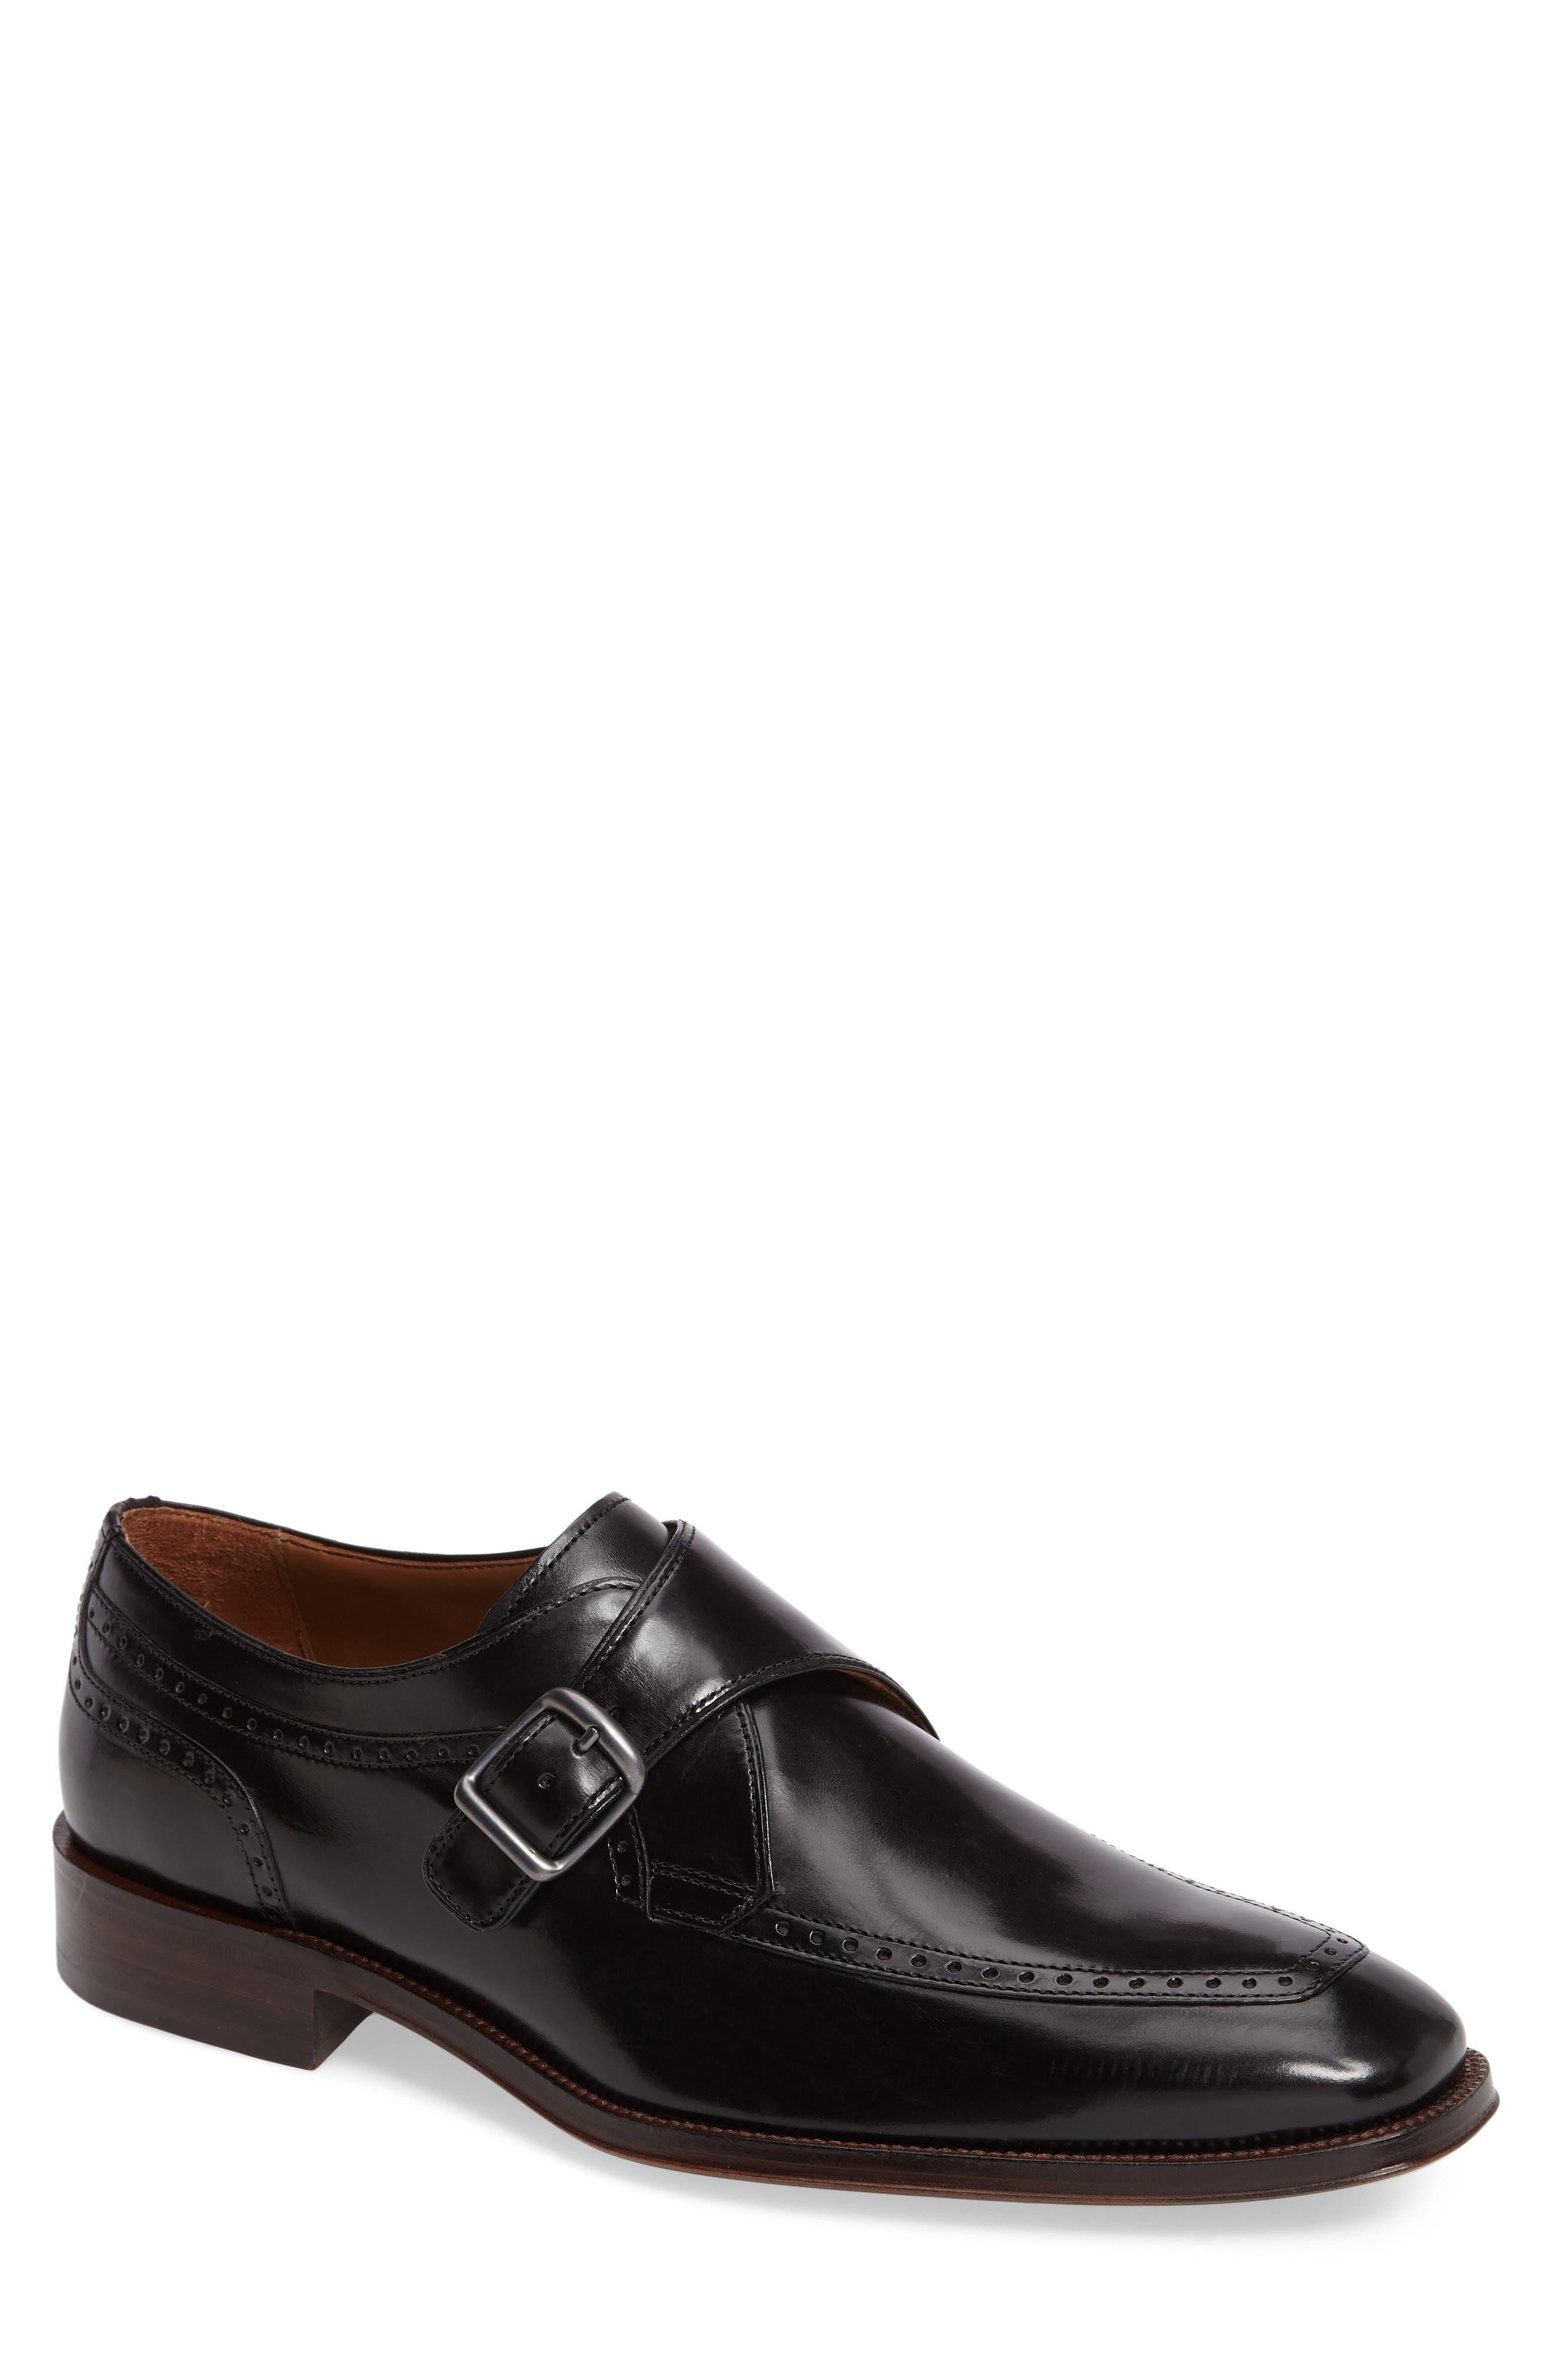 Boydstun Monk Strap Shoe,                         Main,                         color, 001